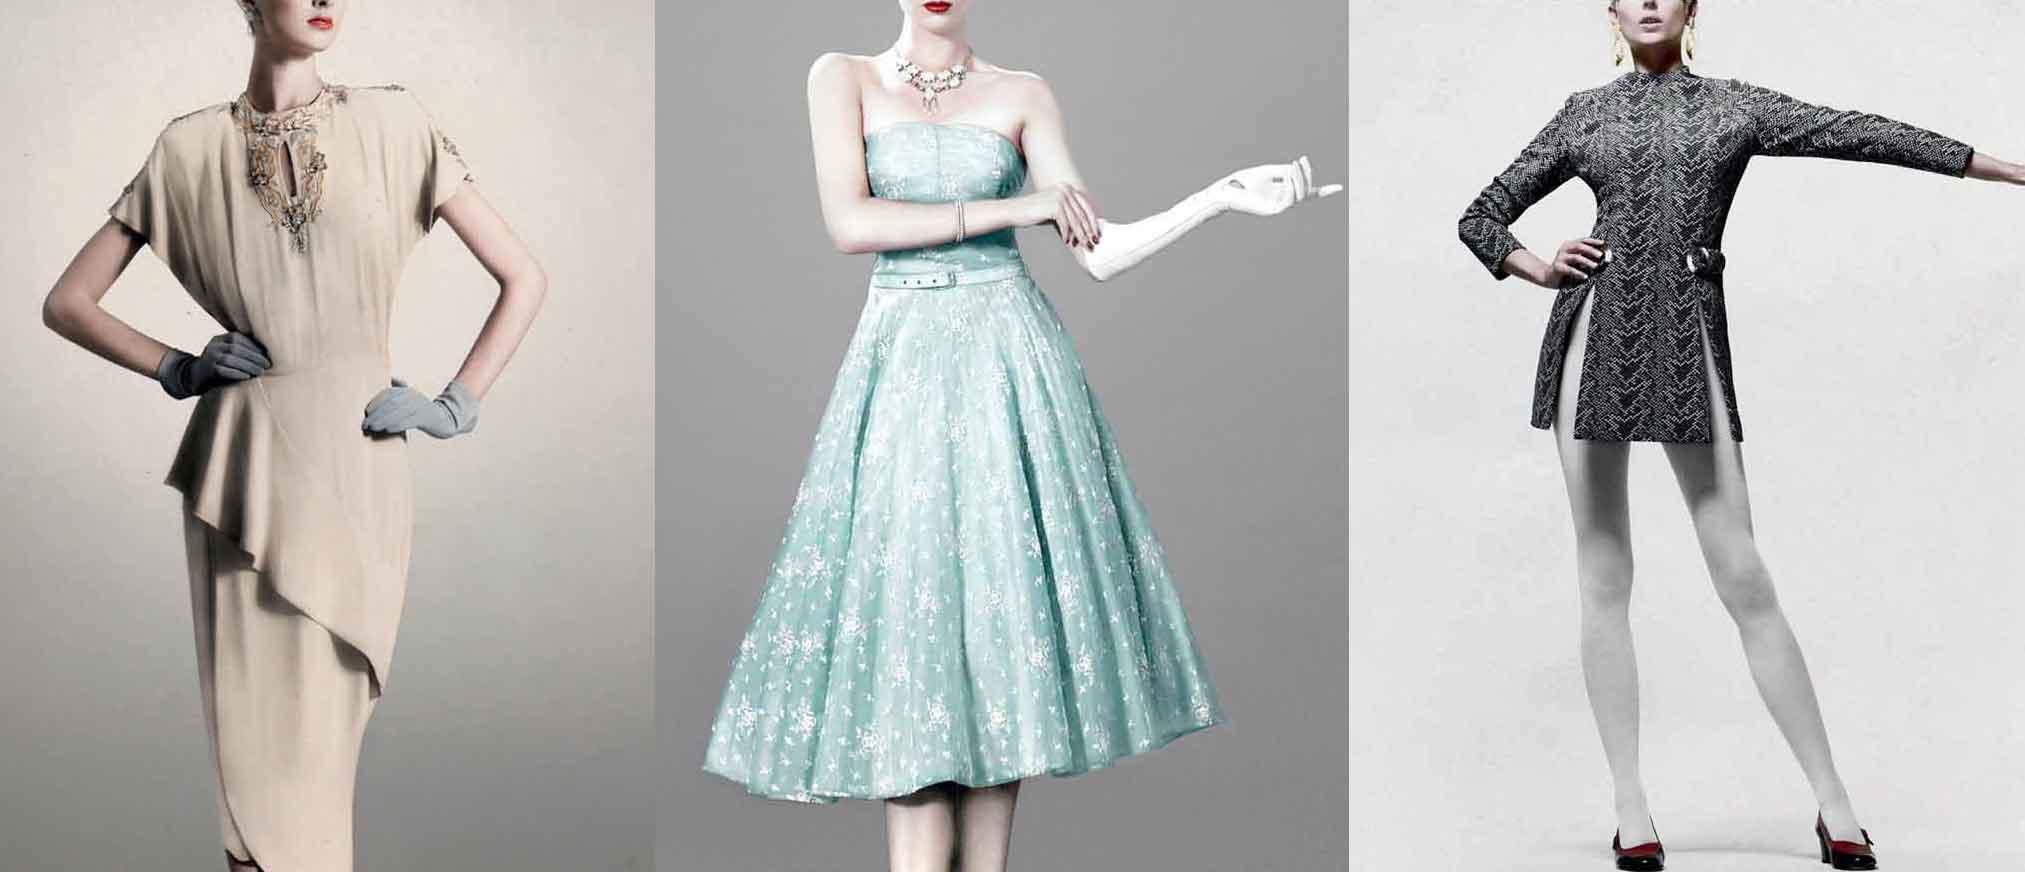 1950S Vintage Fashion 7 Desktop Wallpaper Hivewallpapercom 2025x872